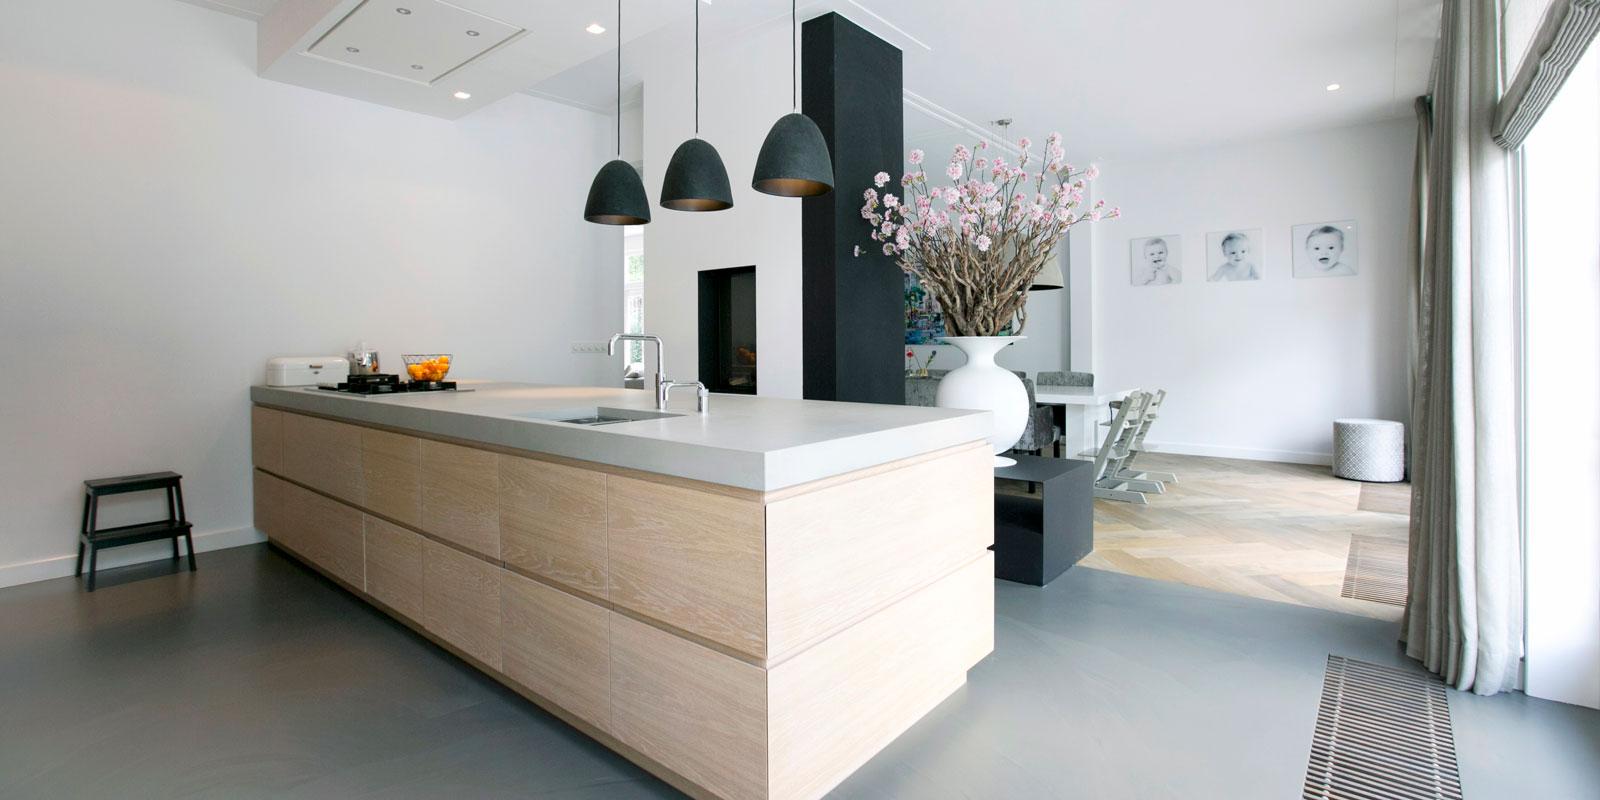 herenhuis interieur, studio kap, modern, industrieel, verbouwing, moderne woning